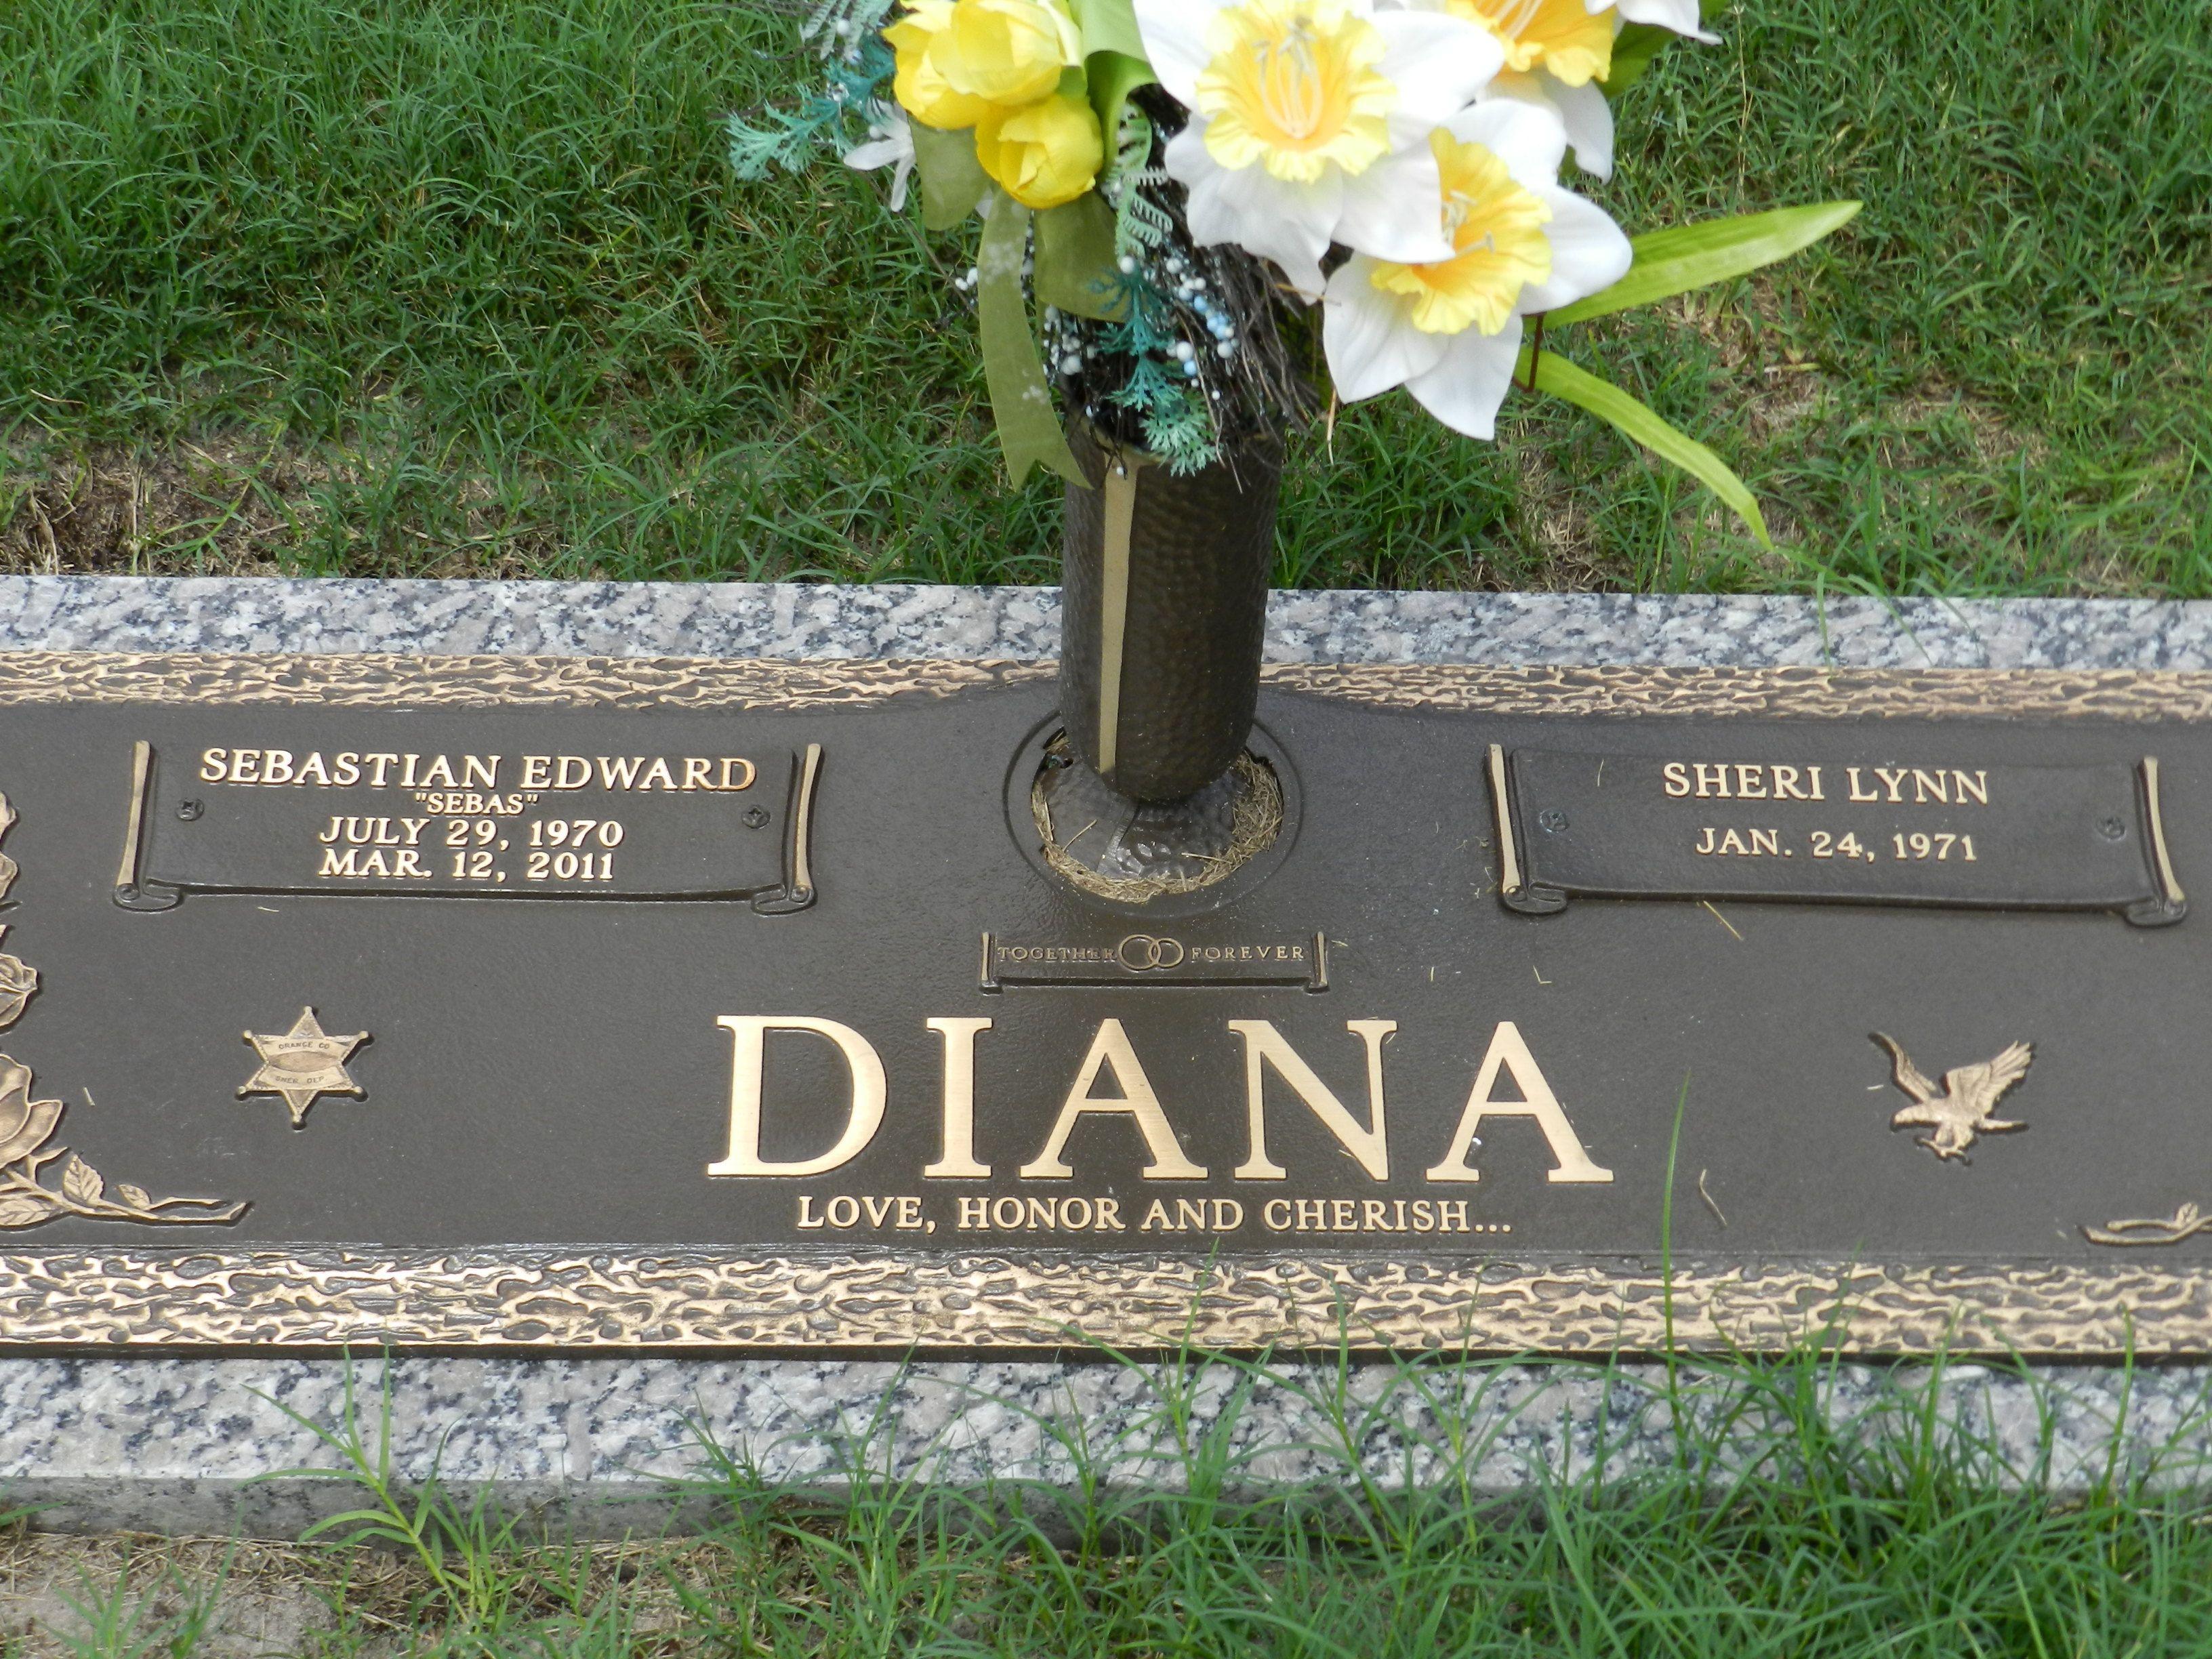 Christmas Princess diana, Lady diana, Diana memorial